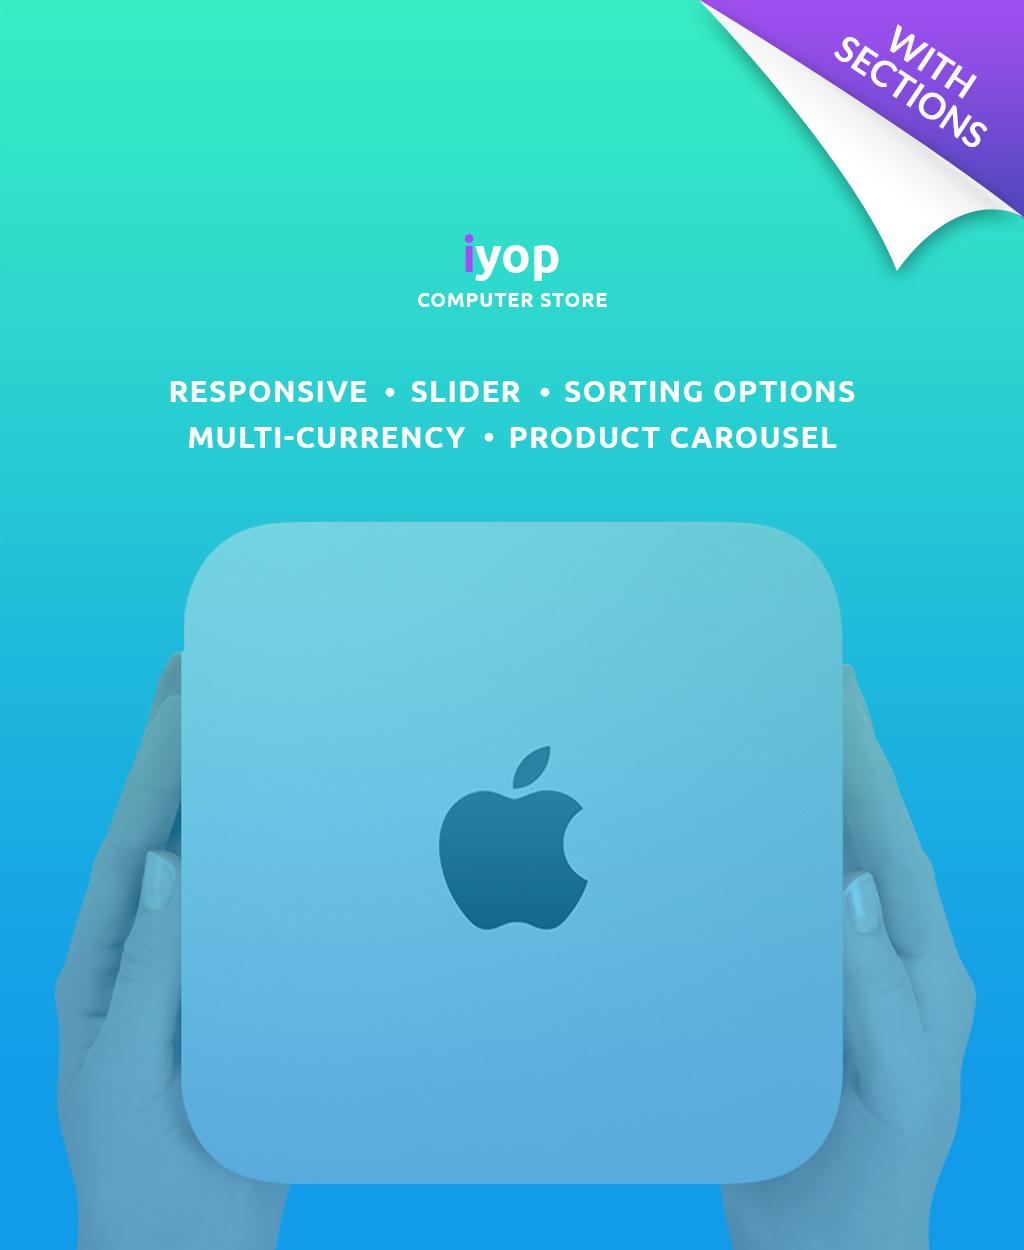 Reszponzív Számítástechnikai üzlet Shopify sablon 63965